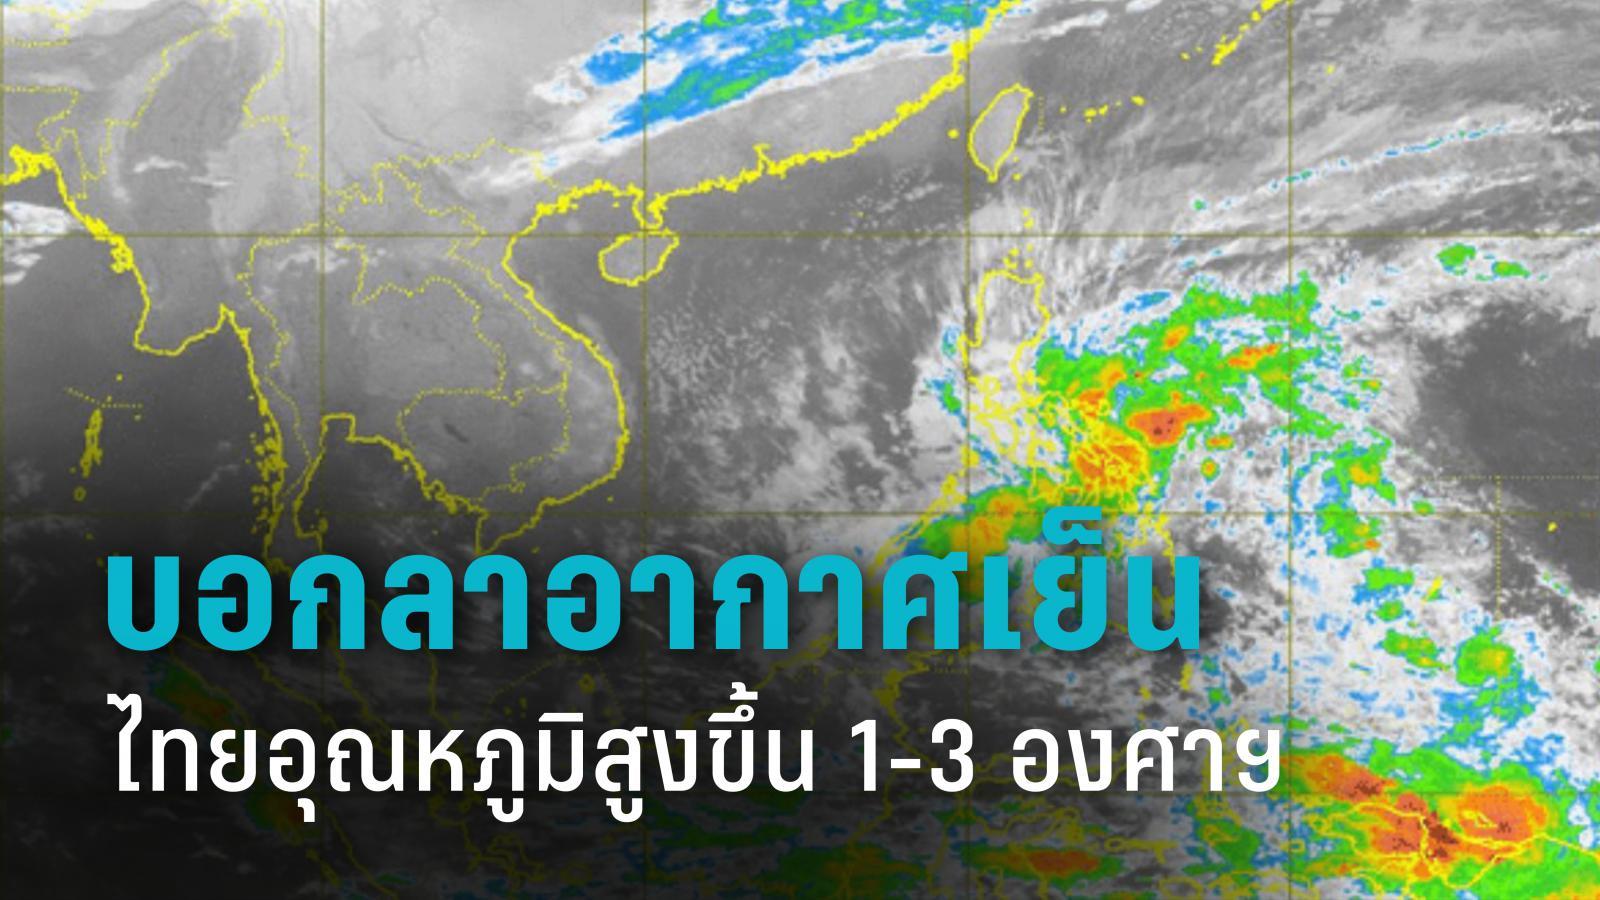 กรมอุตุฯ เผย เริ่มร้อนไทยอุณหภูมิสูงขึ้น 1-3 องศาฯ